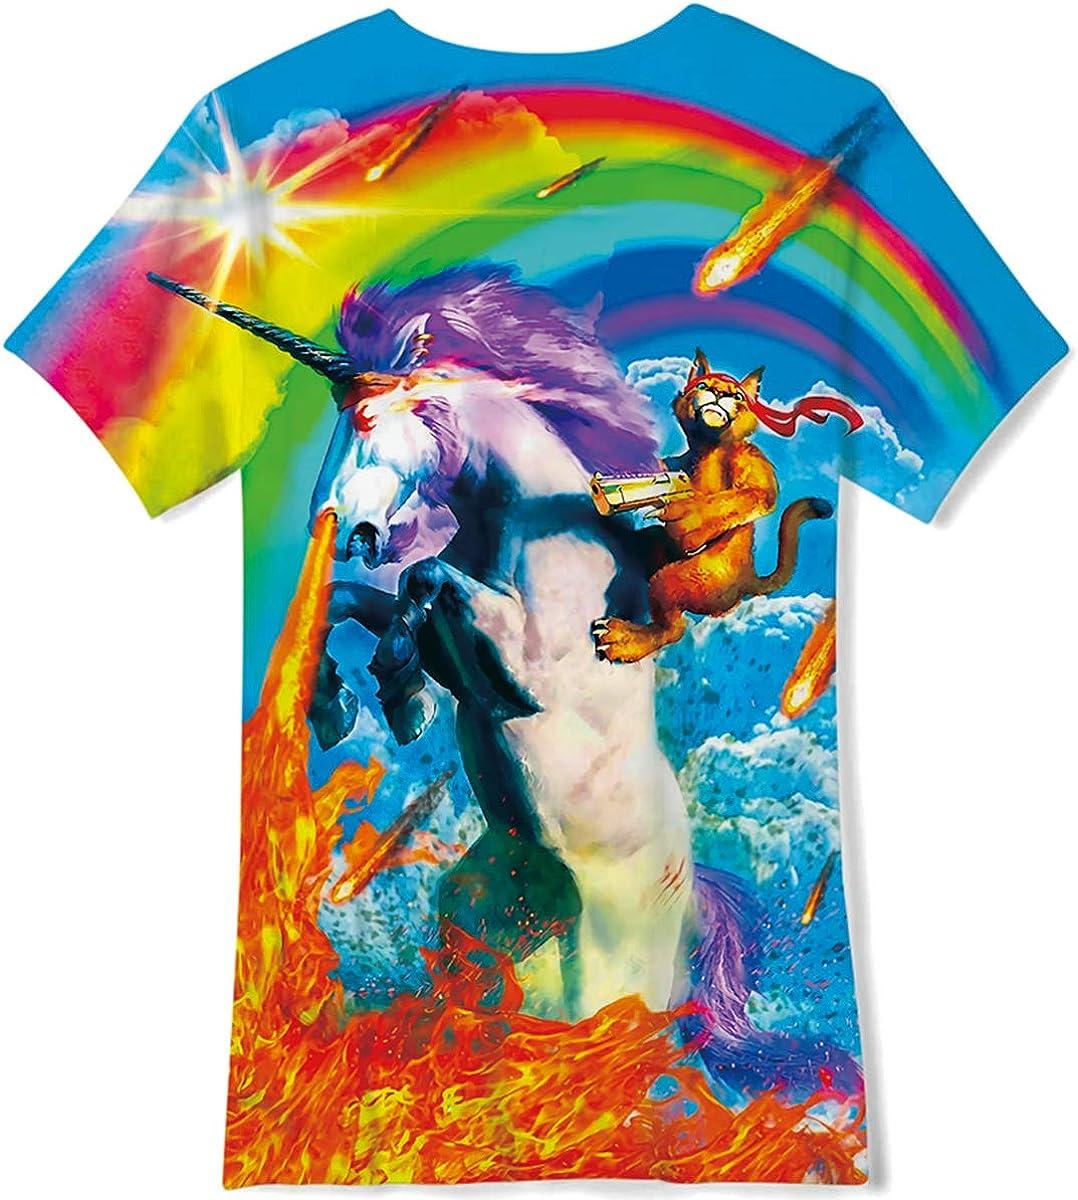 Loveternal Ragazzo Ragazze T-Shirt 3D Stampa Maglietta Manica Corta Novita Divertenti Canotta per Bambino Bambina 6-16 Anni